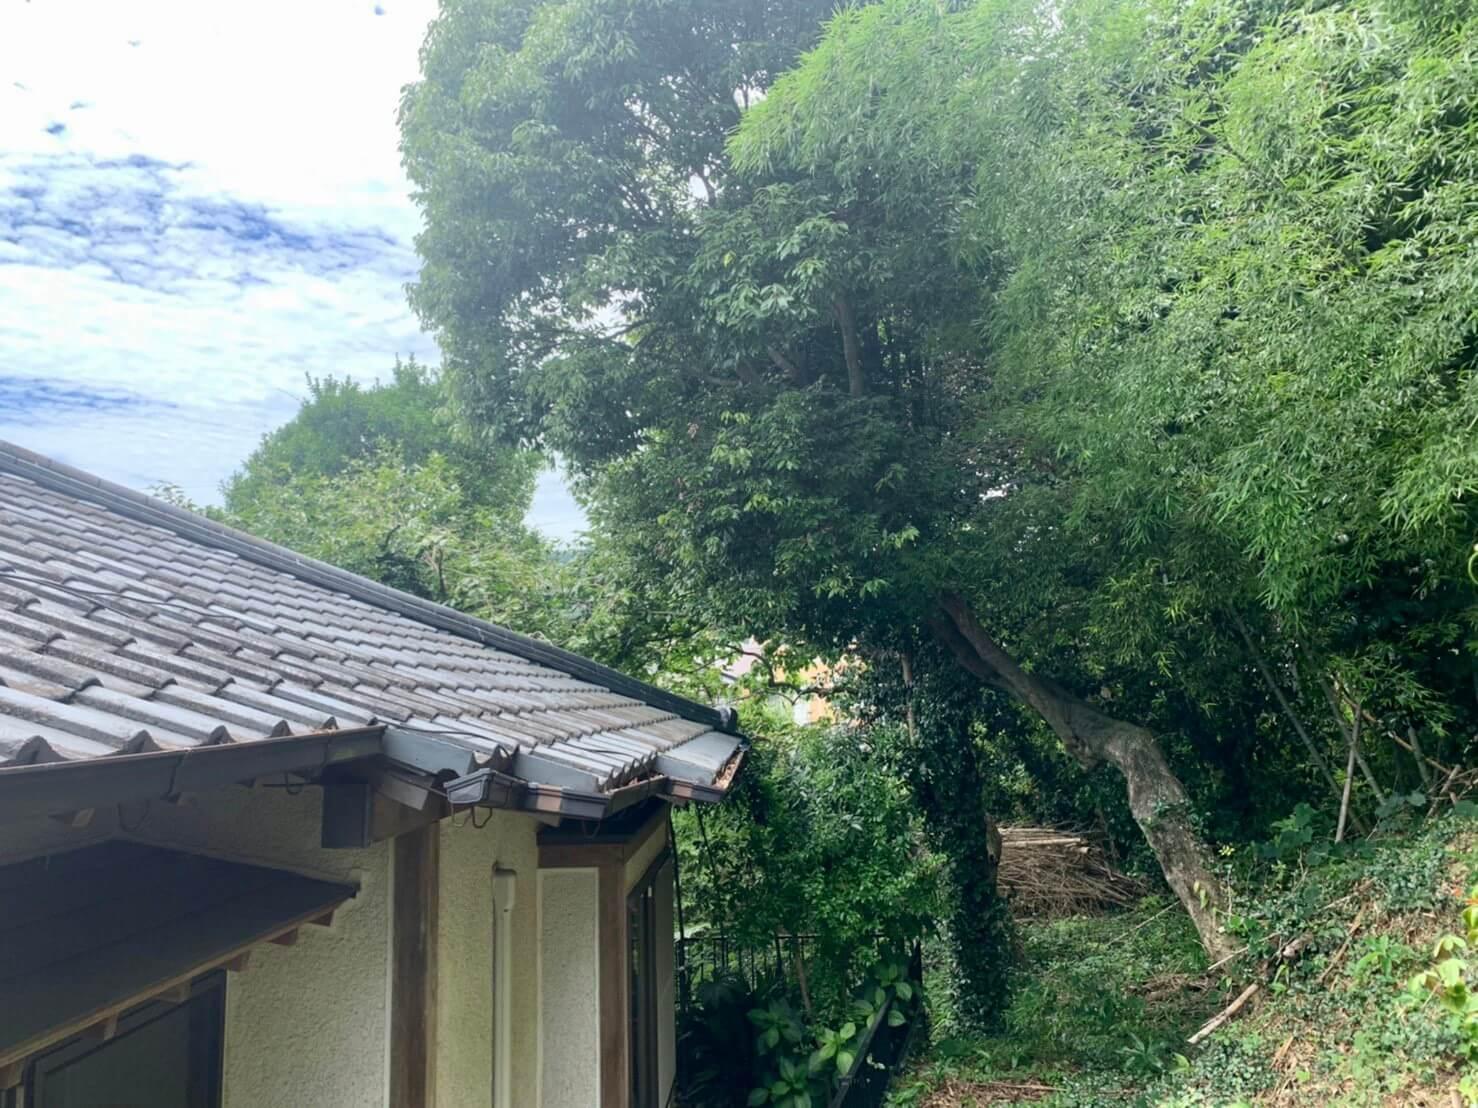 右側の斜面から屋根の上に向かって枝を伸ばすカシノキ